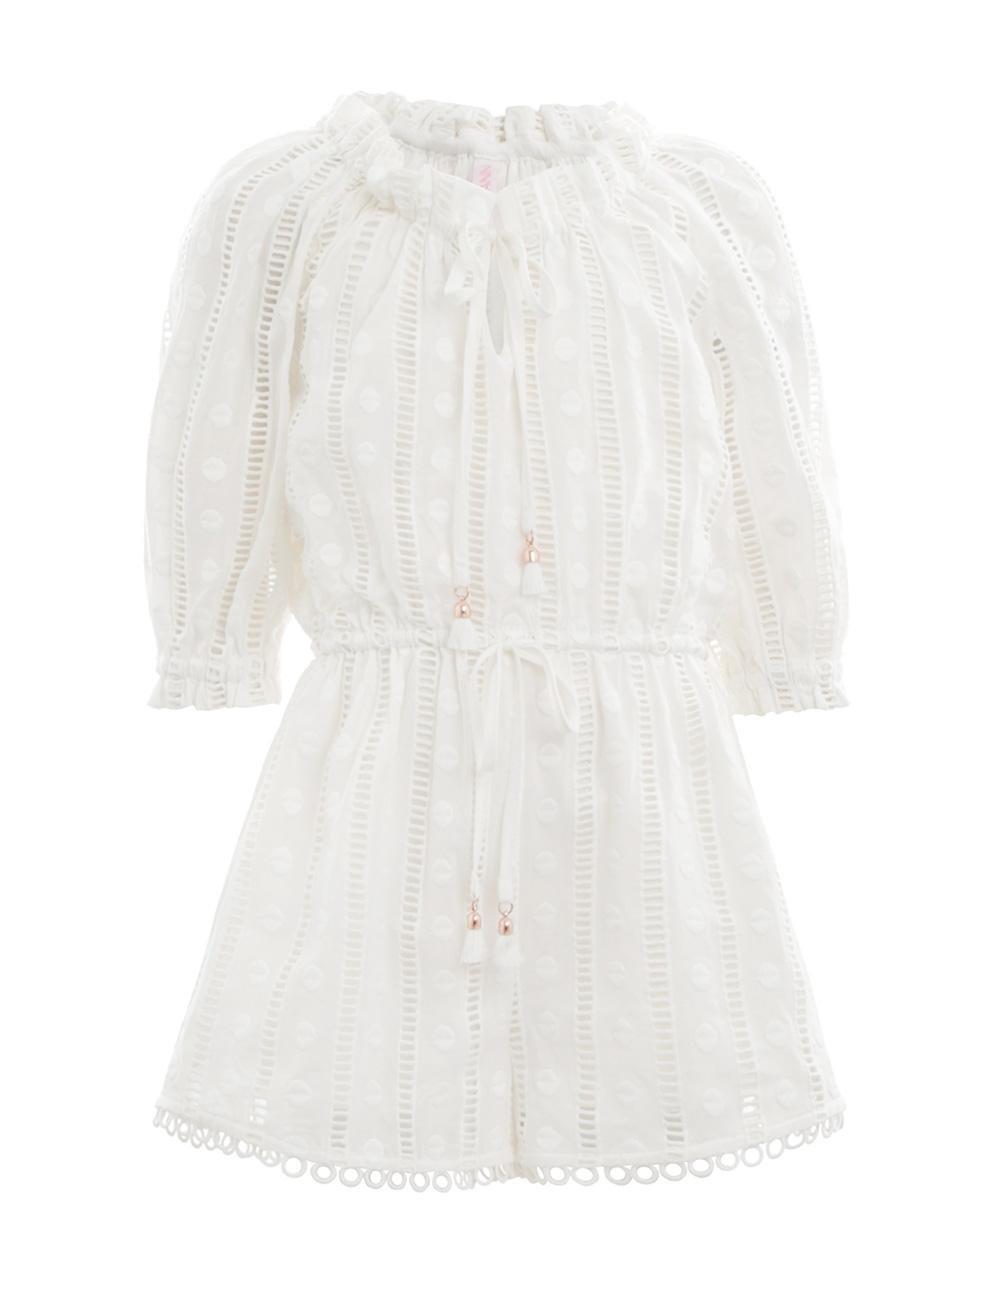 cb41cbe295 Lyst - Zimmermann Primrose Long Sleeve Playsuit in White